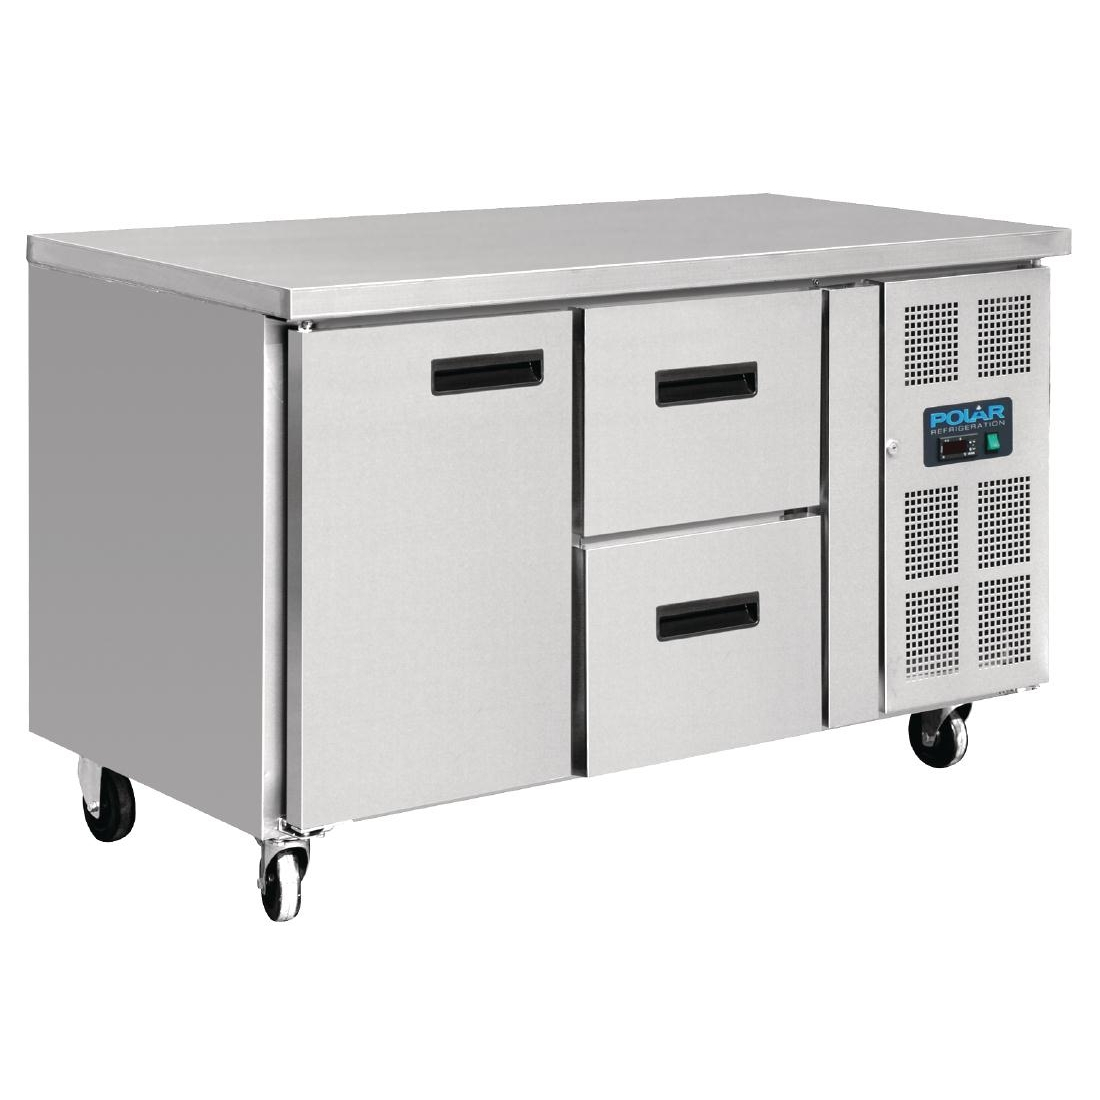 Table réfrigérée 1 porte 2 tiroirs 228L